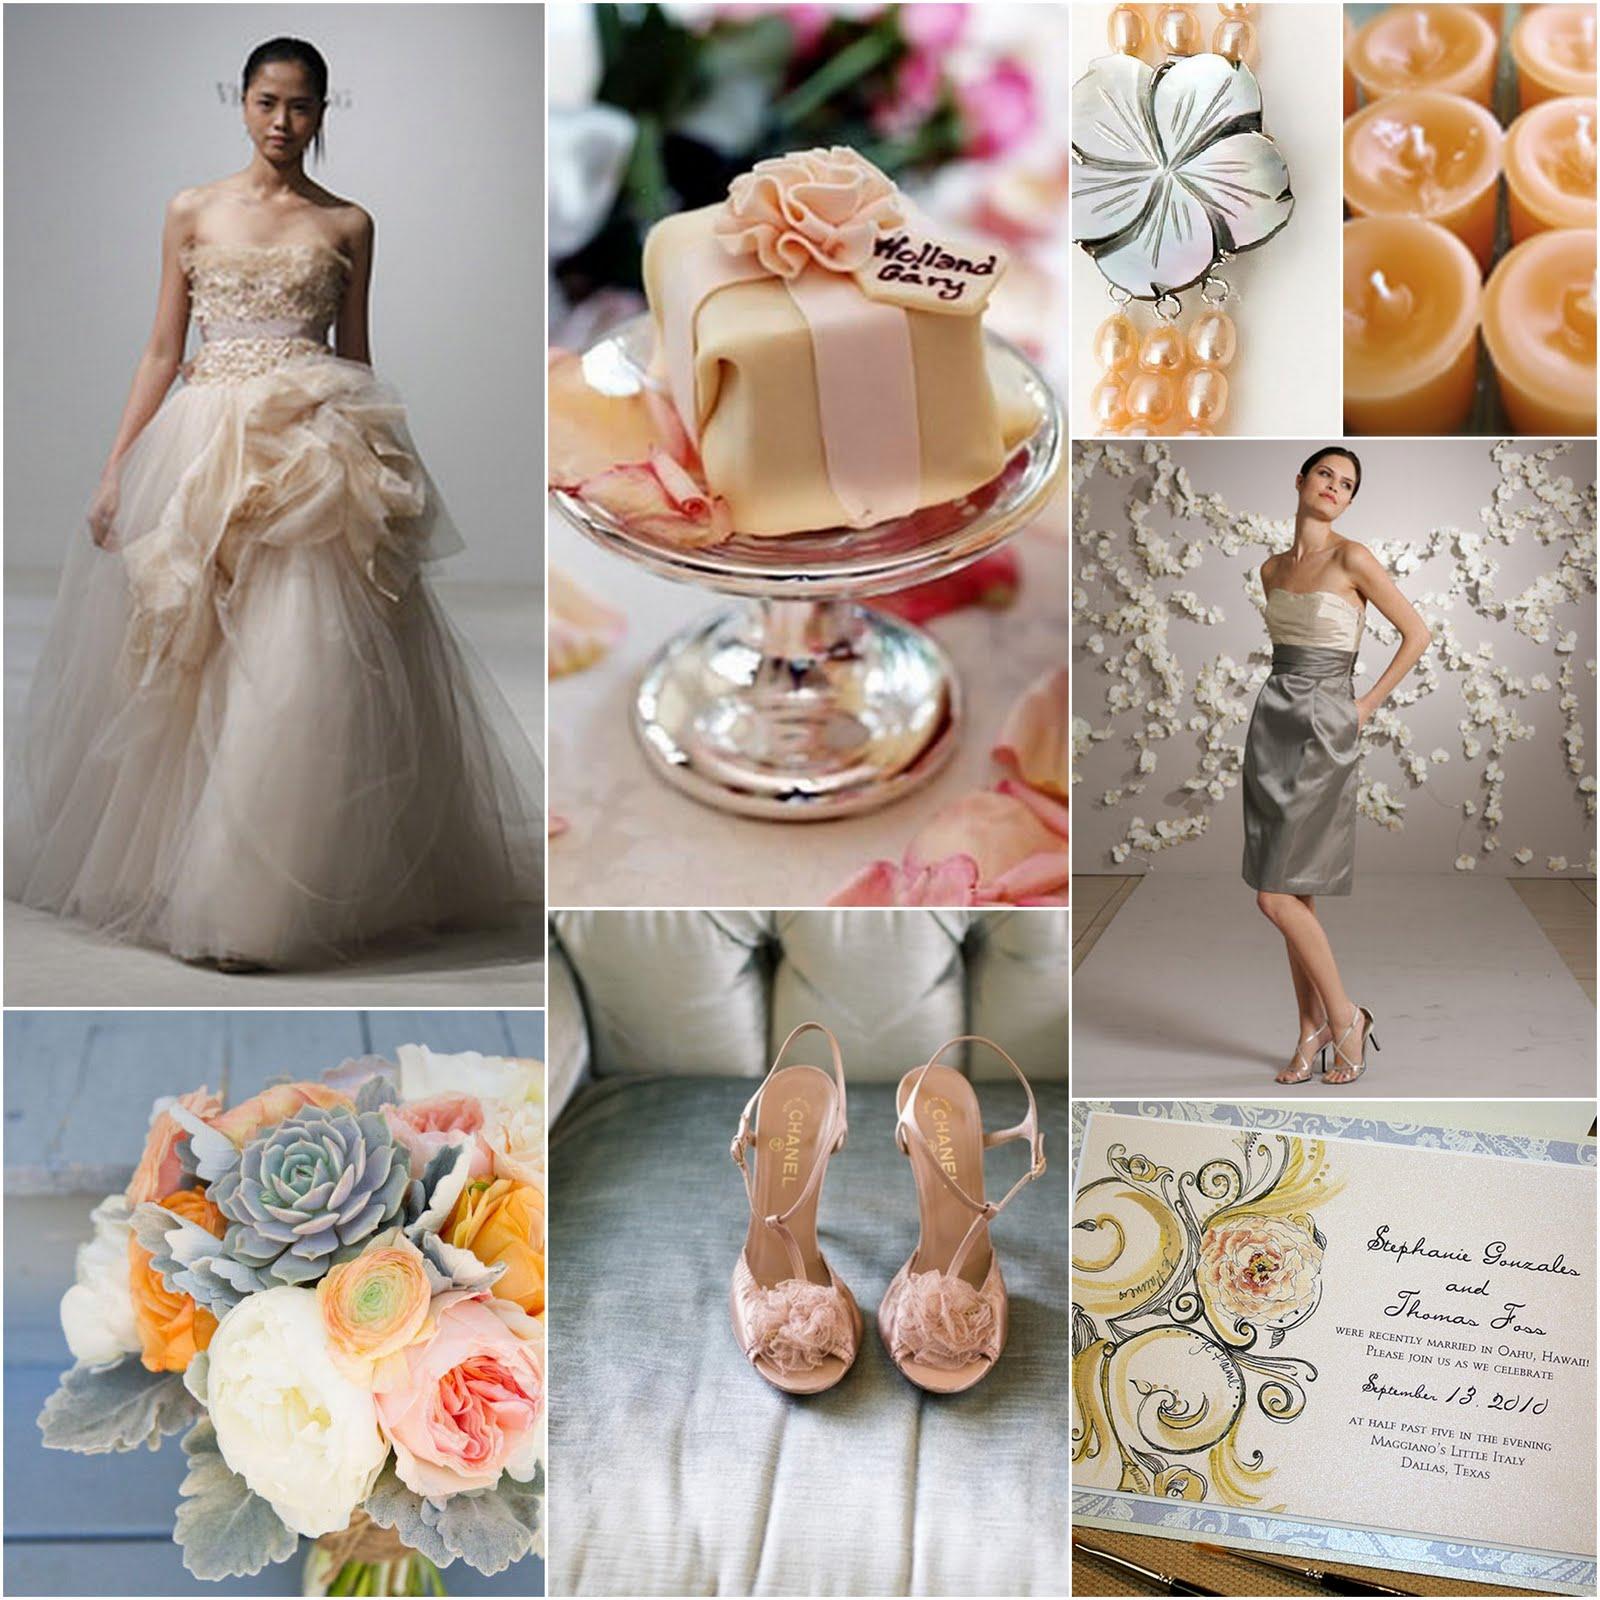 Do Wedding Cake Tastings Cost Money